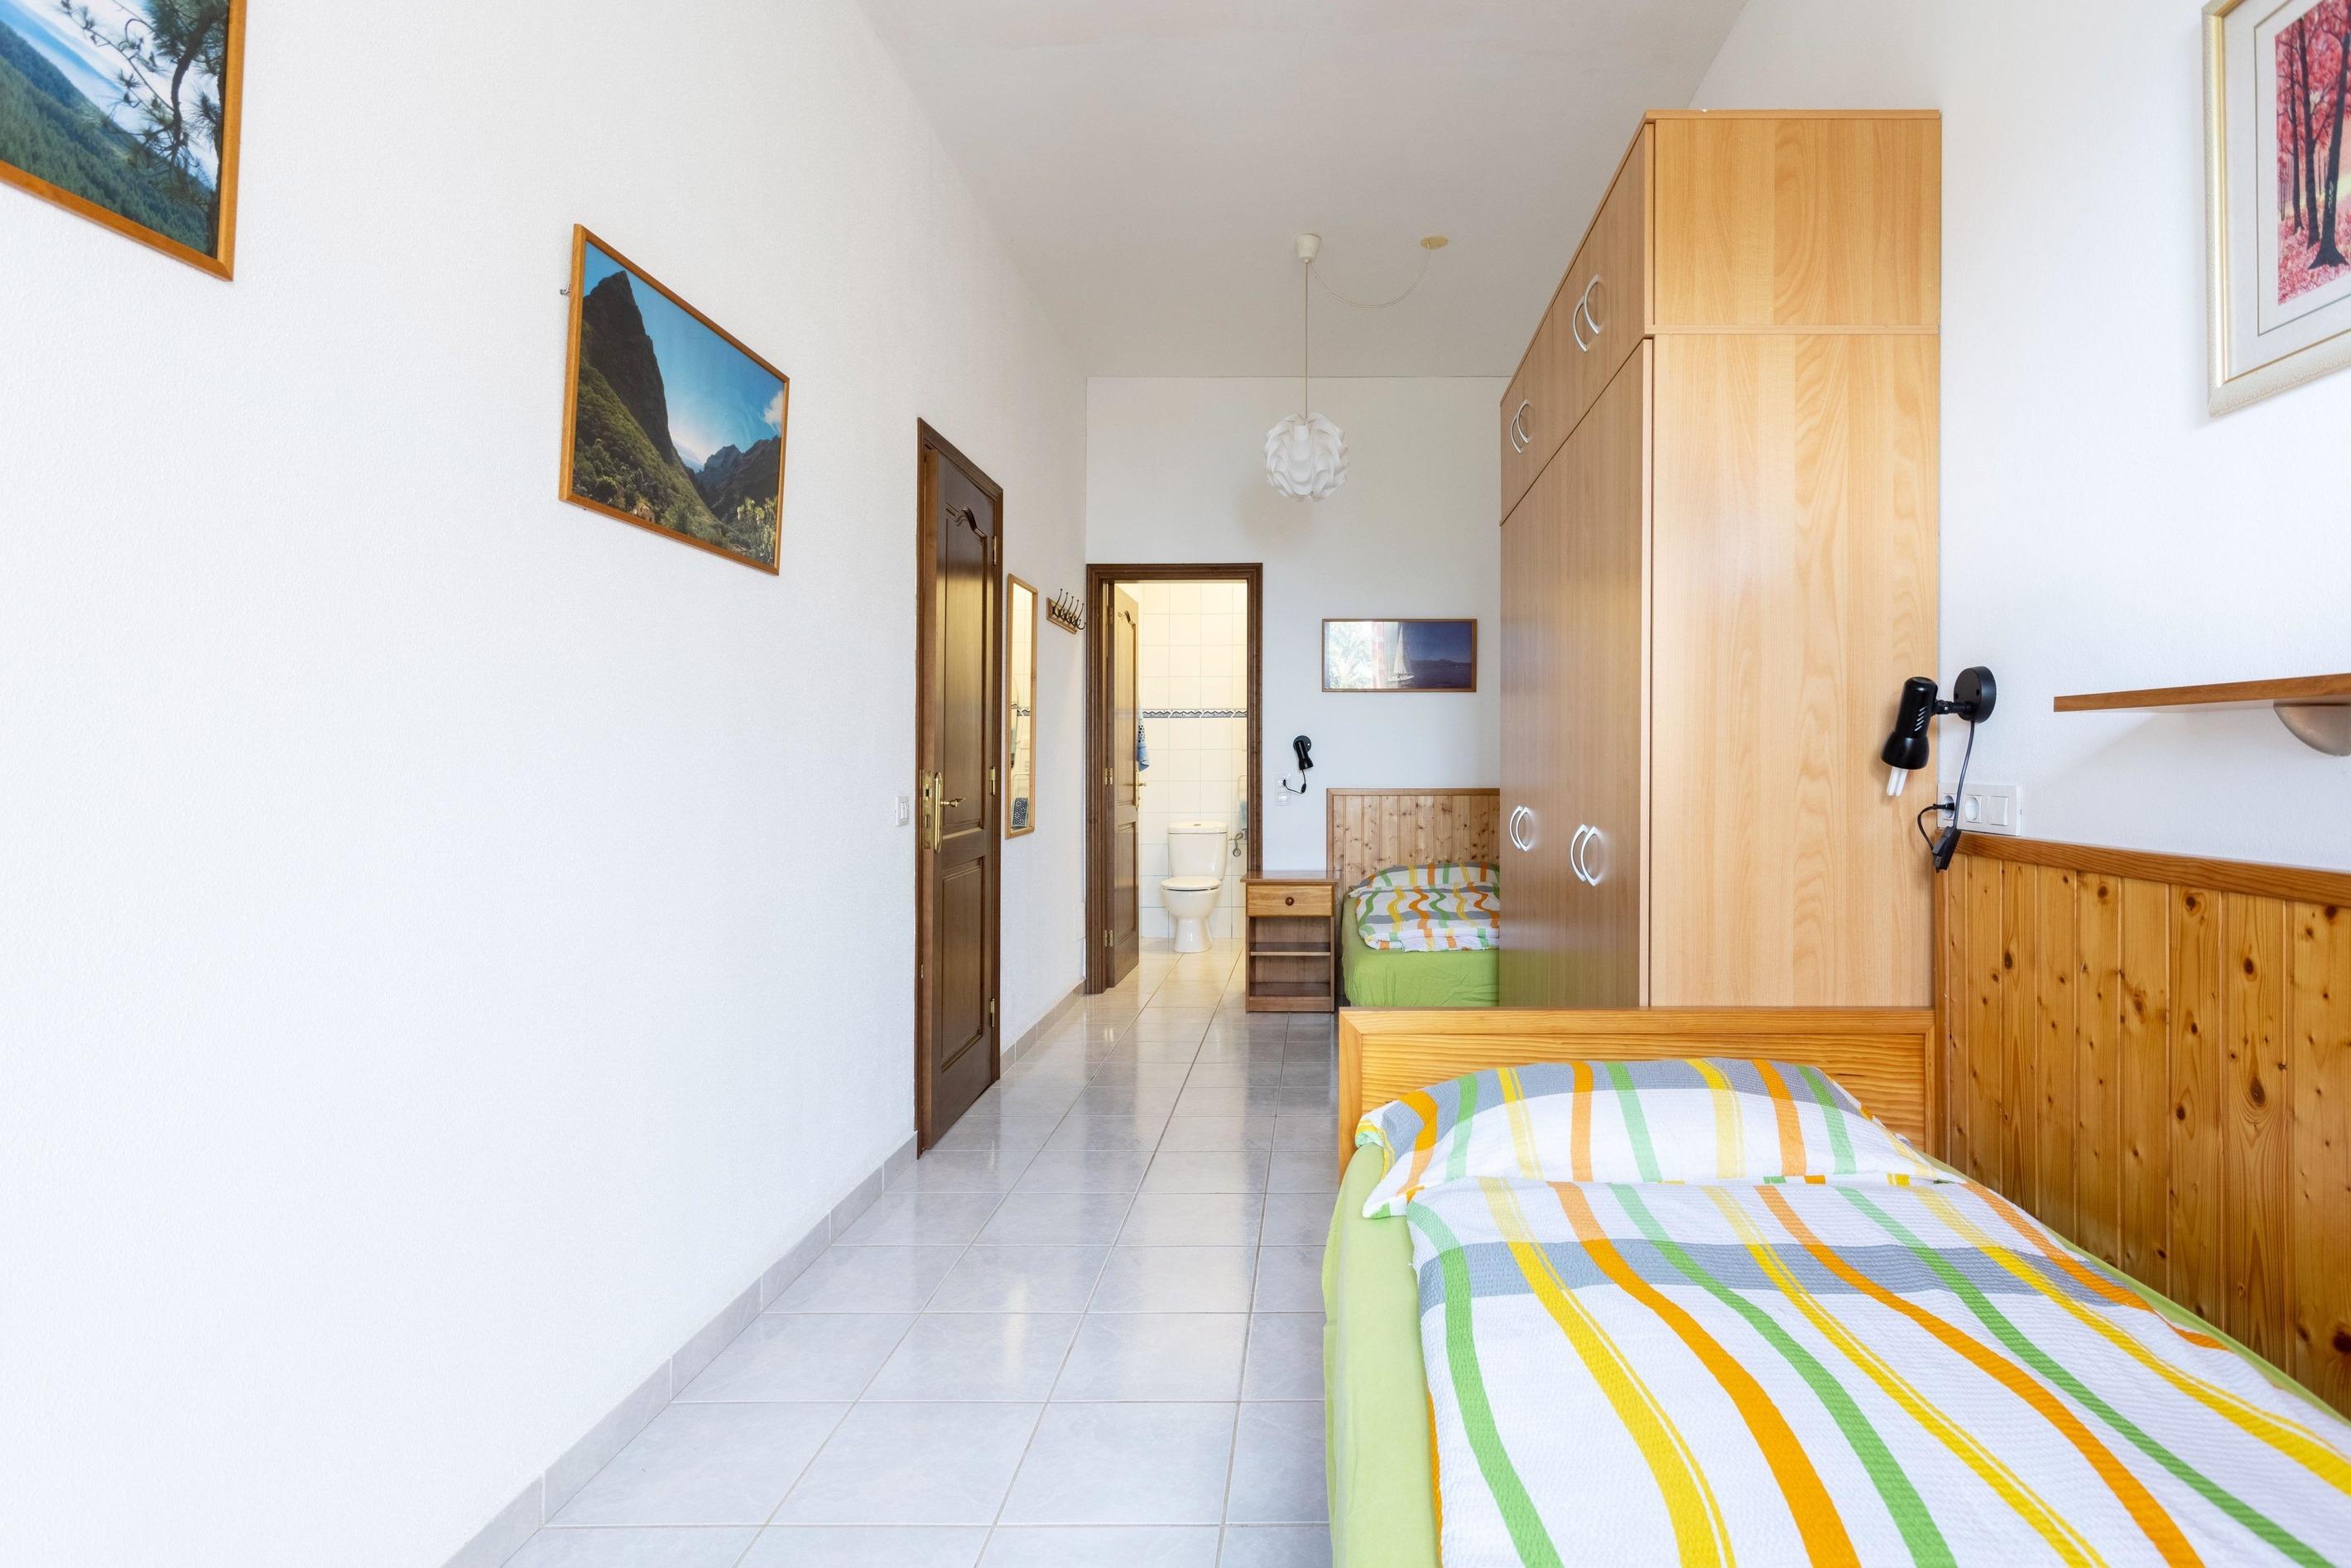 Appartement de vacances Fewo Solymar, mit 2 Schlafzimmern, 2 Bädern, eigener Terrasse und Garten, Meerblick, Pool, (2492986), Santa Ursula, Ténérife, Iles Canaries, Espagne, image 18